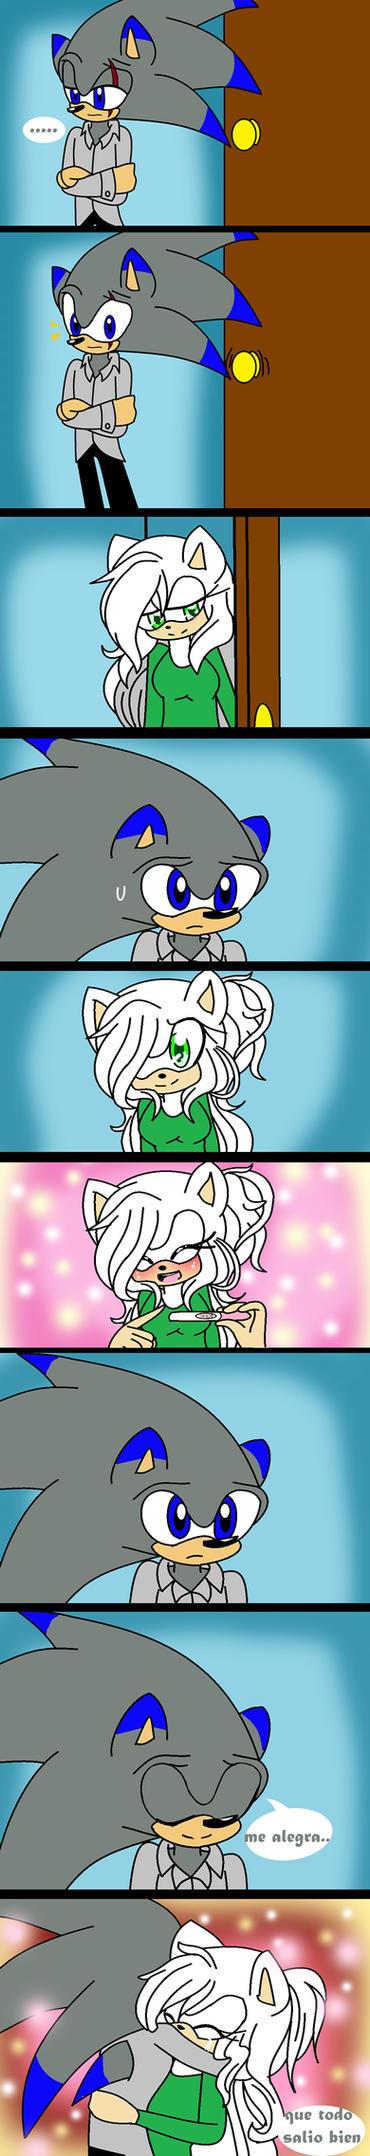 .:comic 2da pregnancy:. by cristinathehedgehog